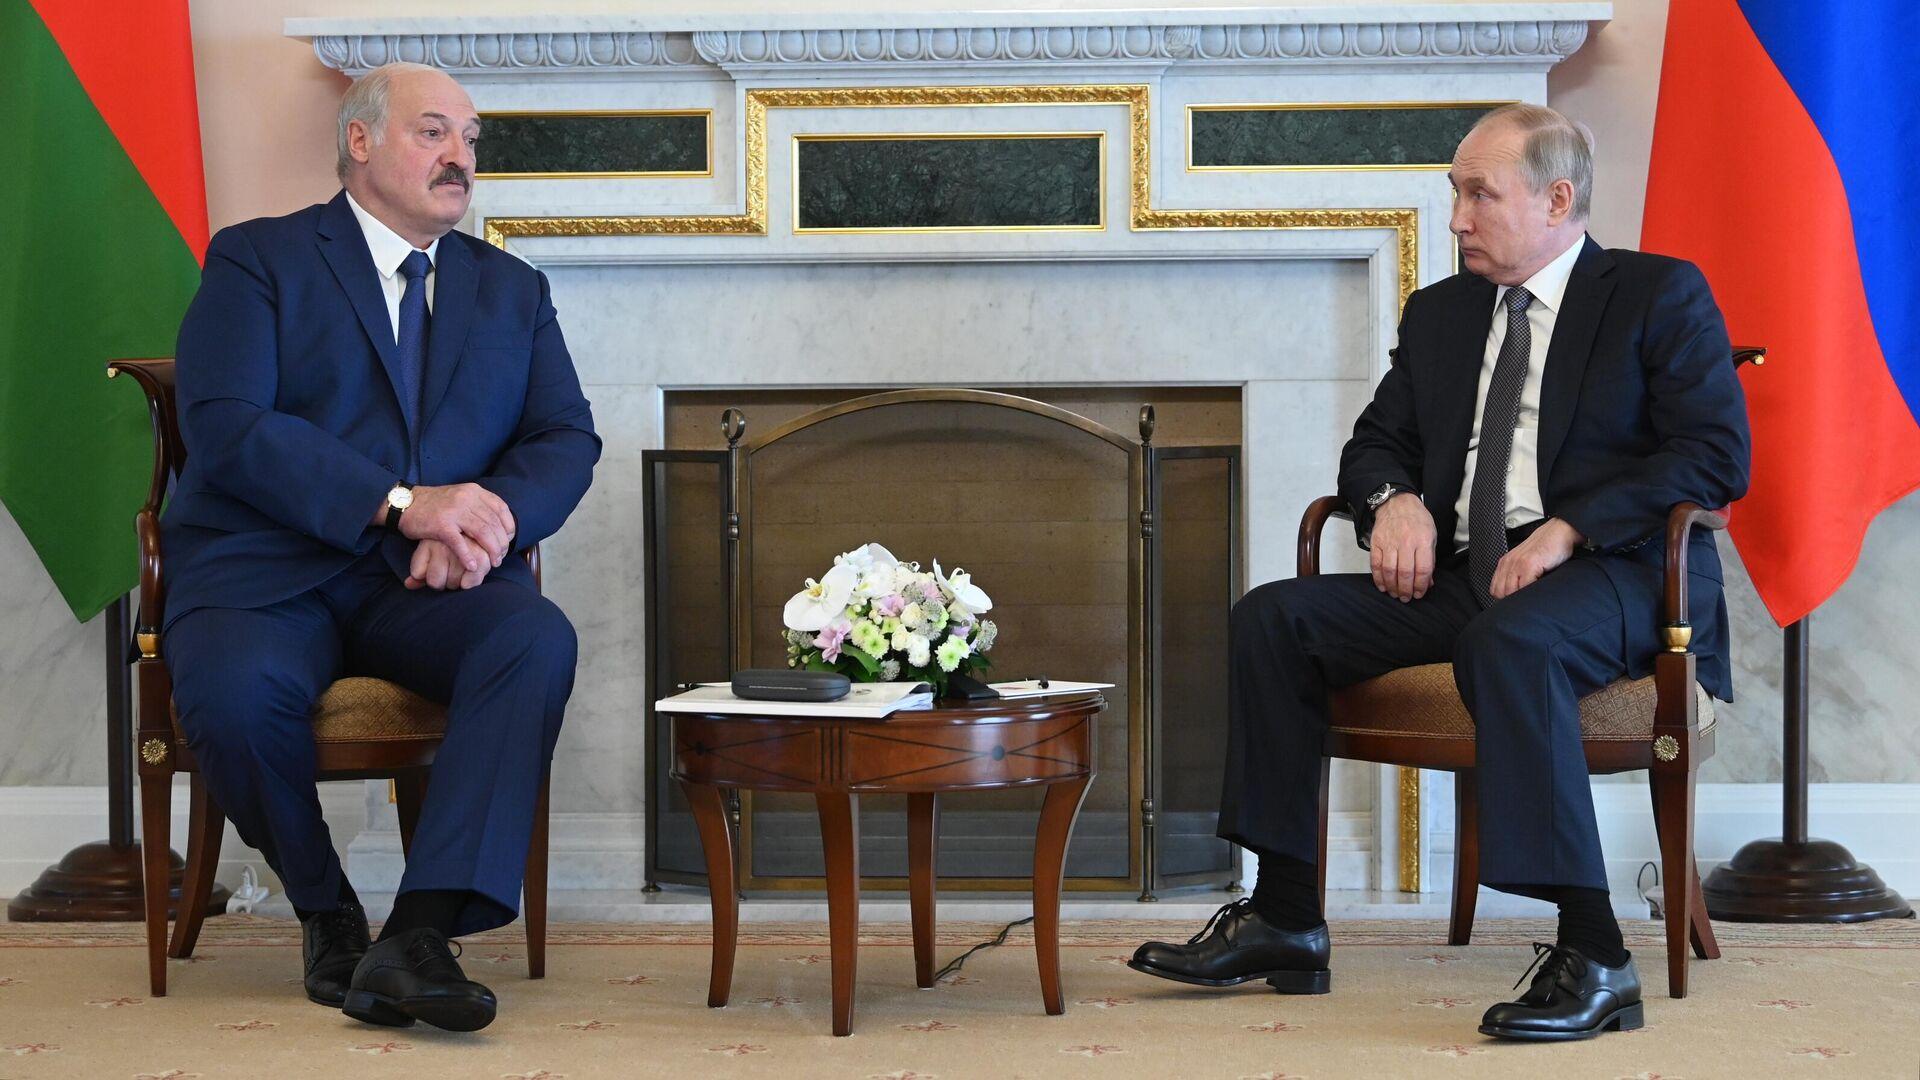 Путин и Лукашенко обсудят Афганистан и двусторонние отношения